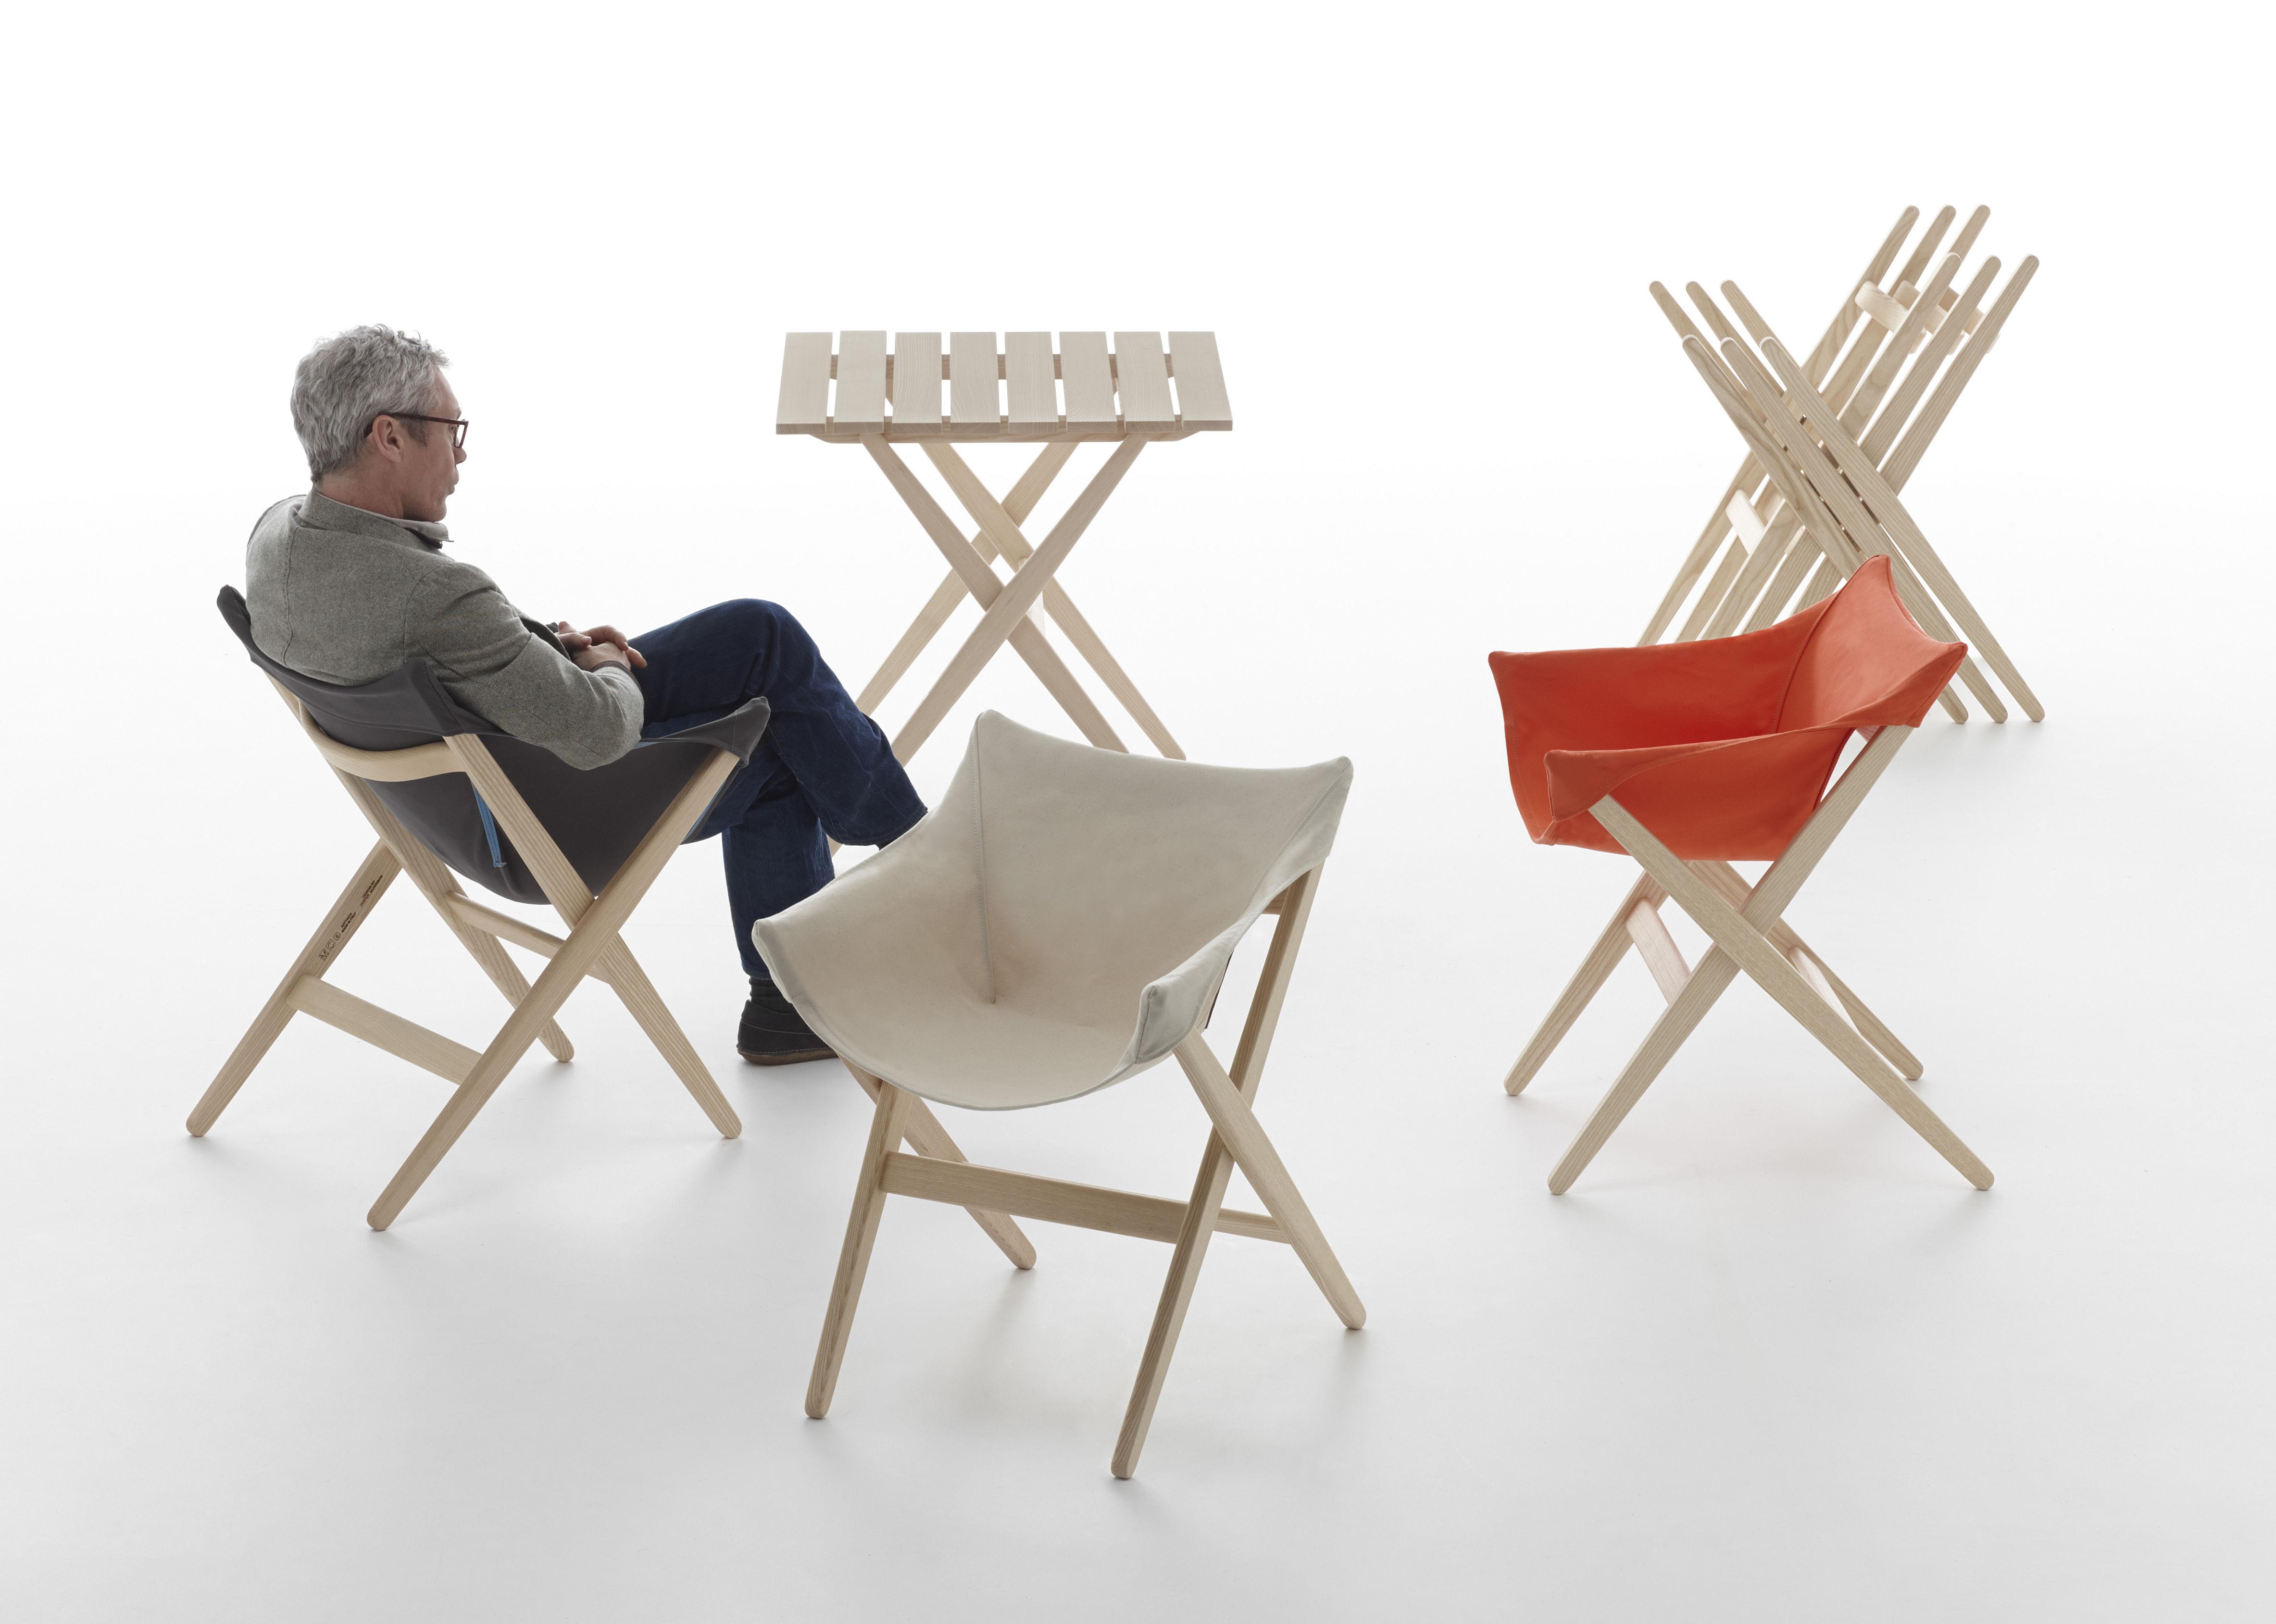 fauteuil empilable fionda pour l 39 ext rieur bois tissu teck toile beige mattiazzi. Black Bedroom Furniture Sets. Home Design Ideas